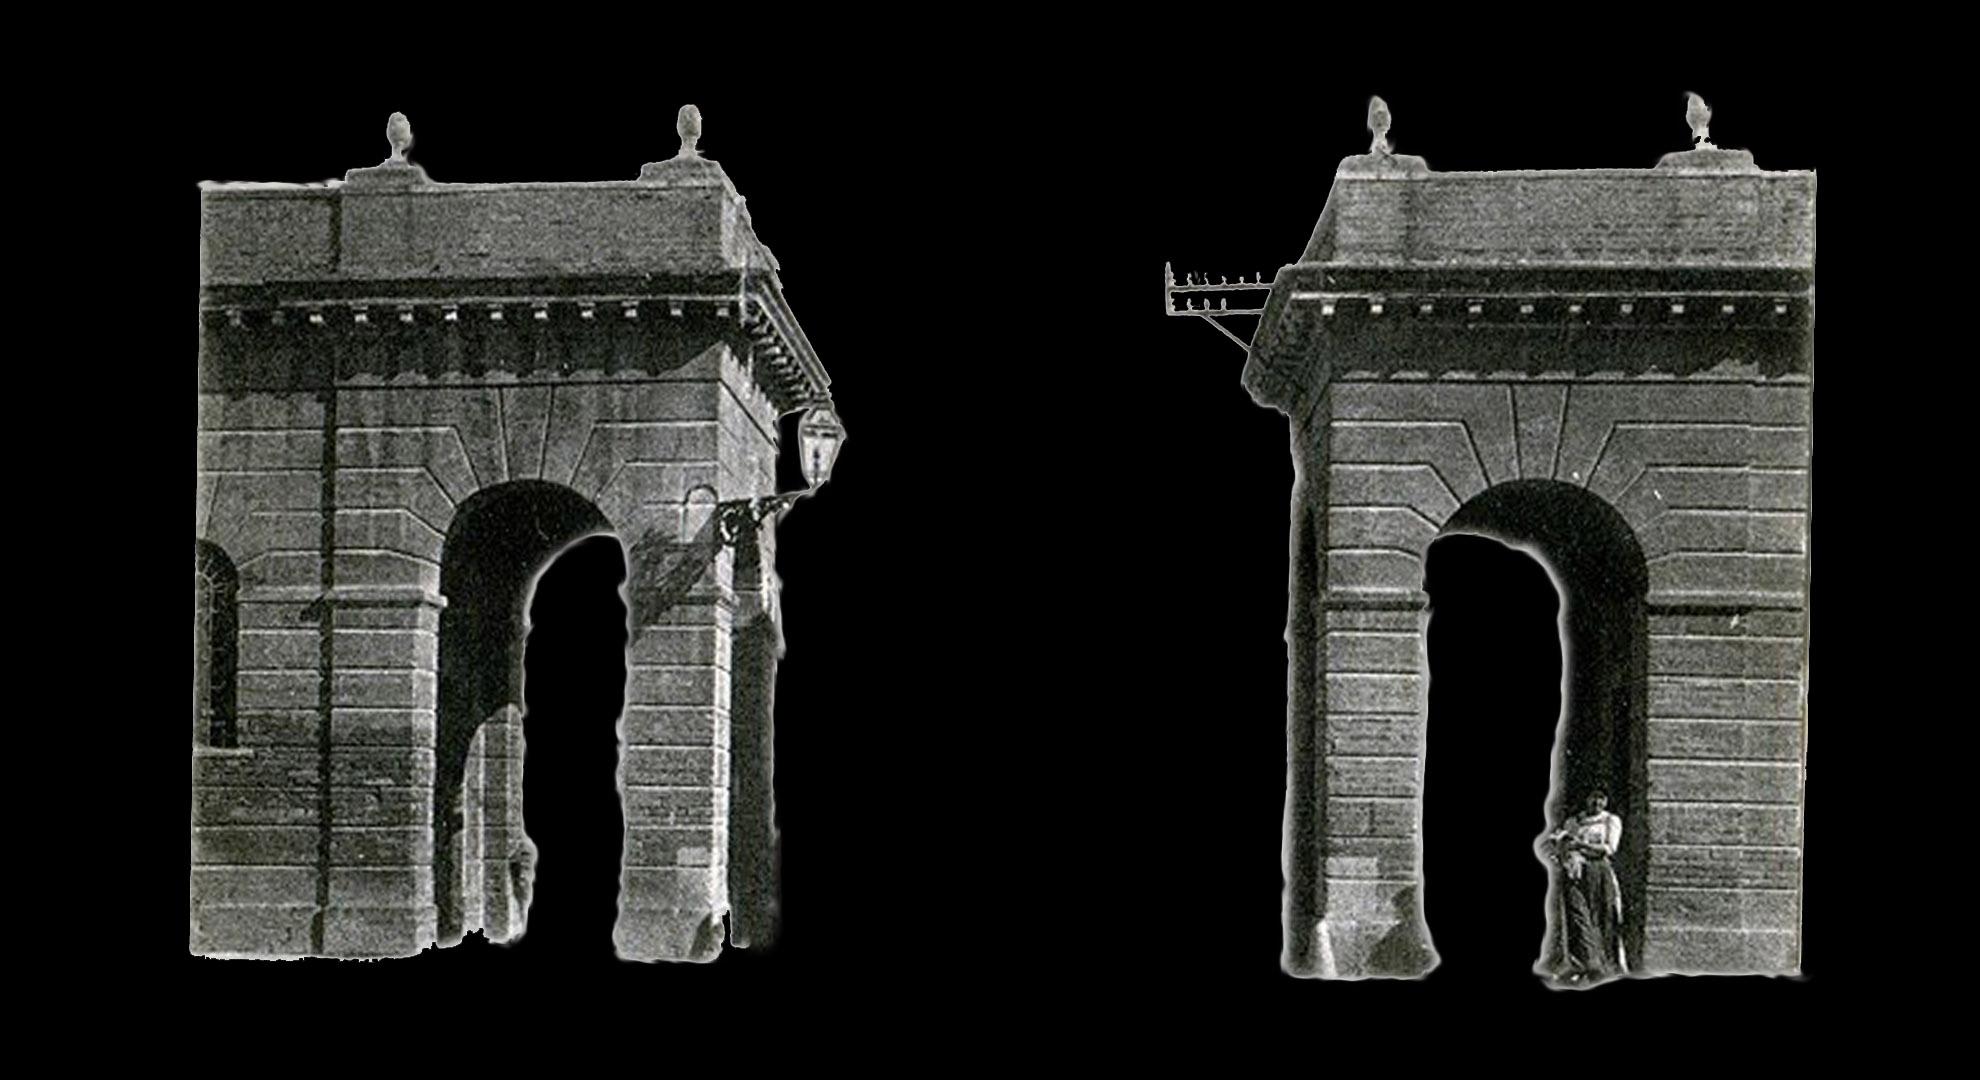 Sesta puntata. L'abbattimento delle antiche mura cittadine